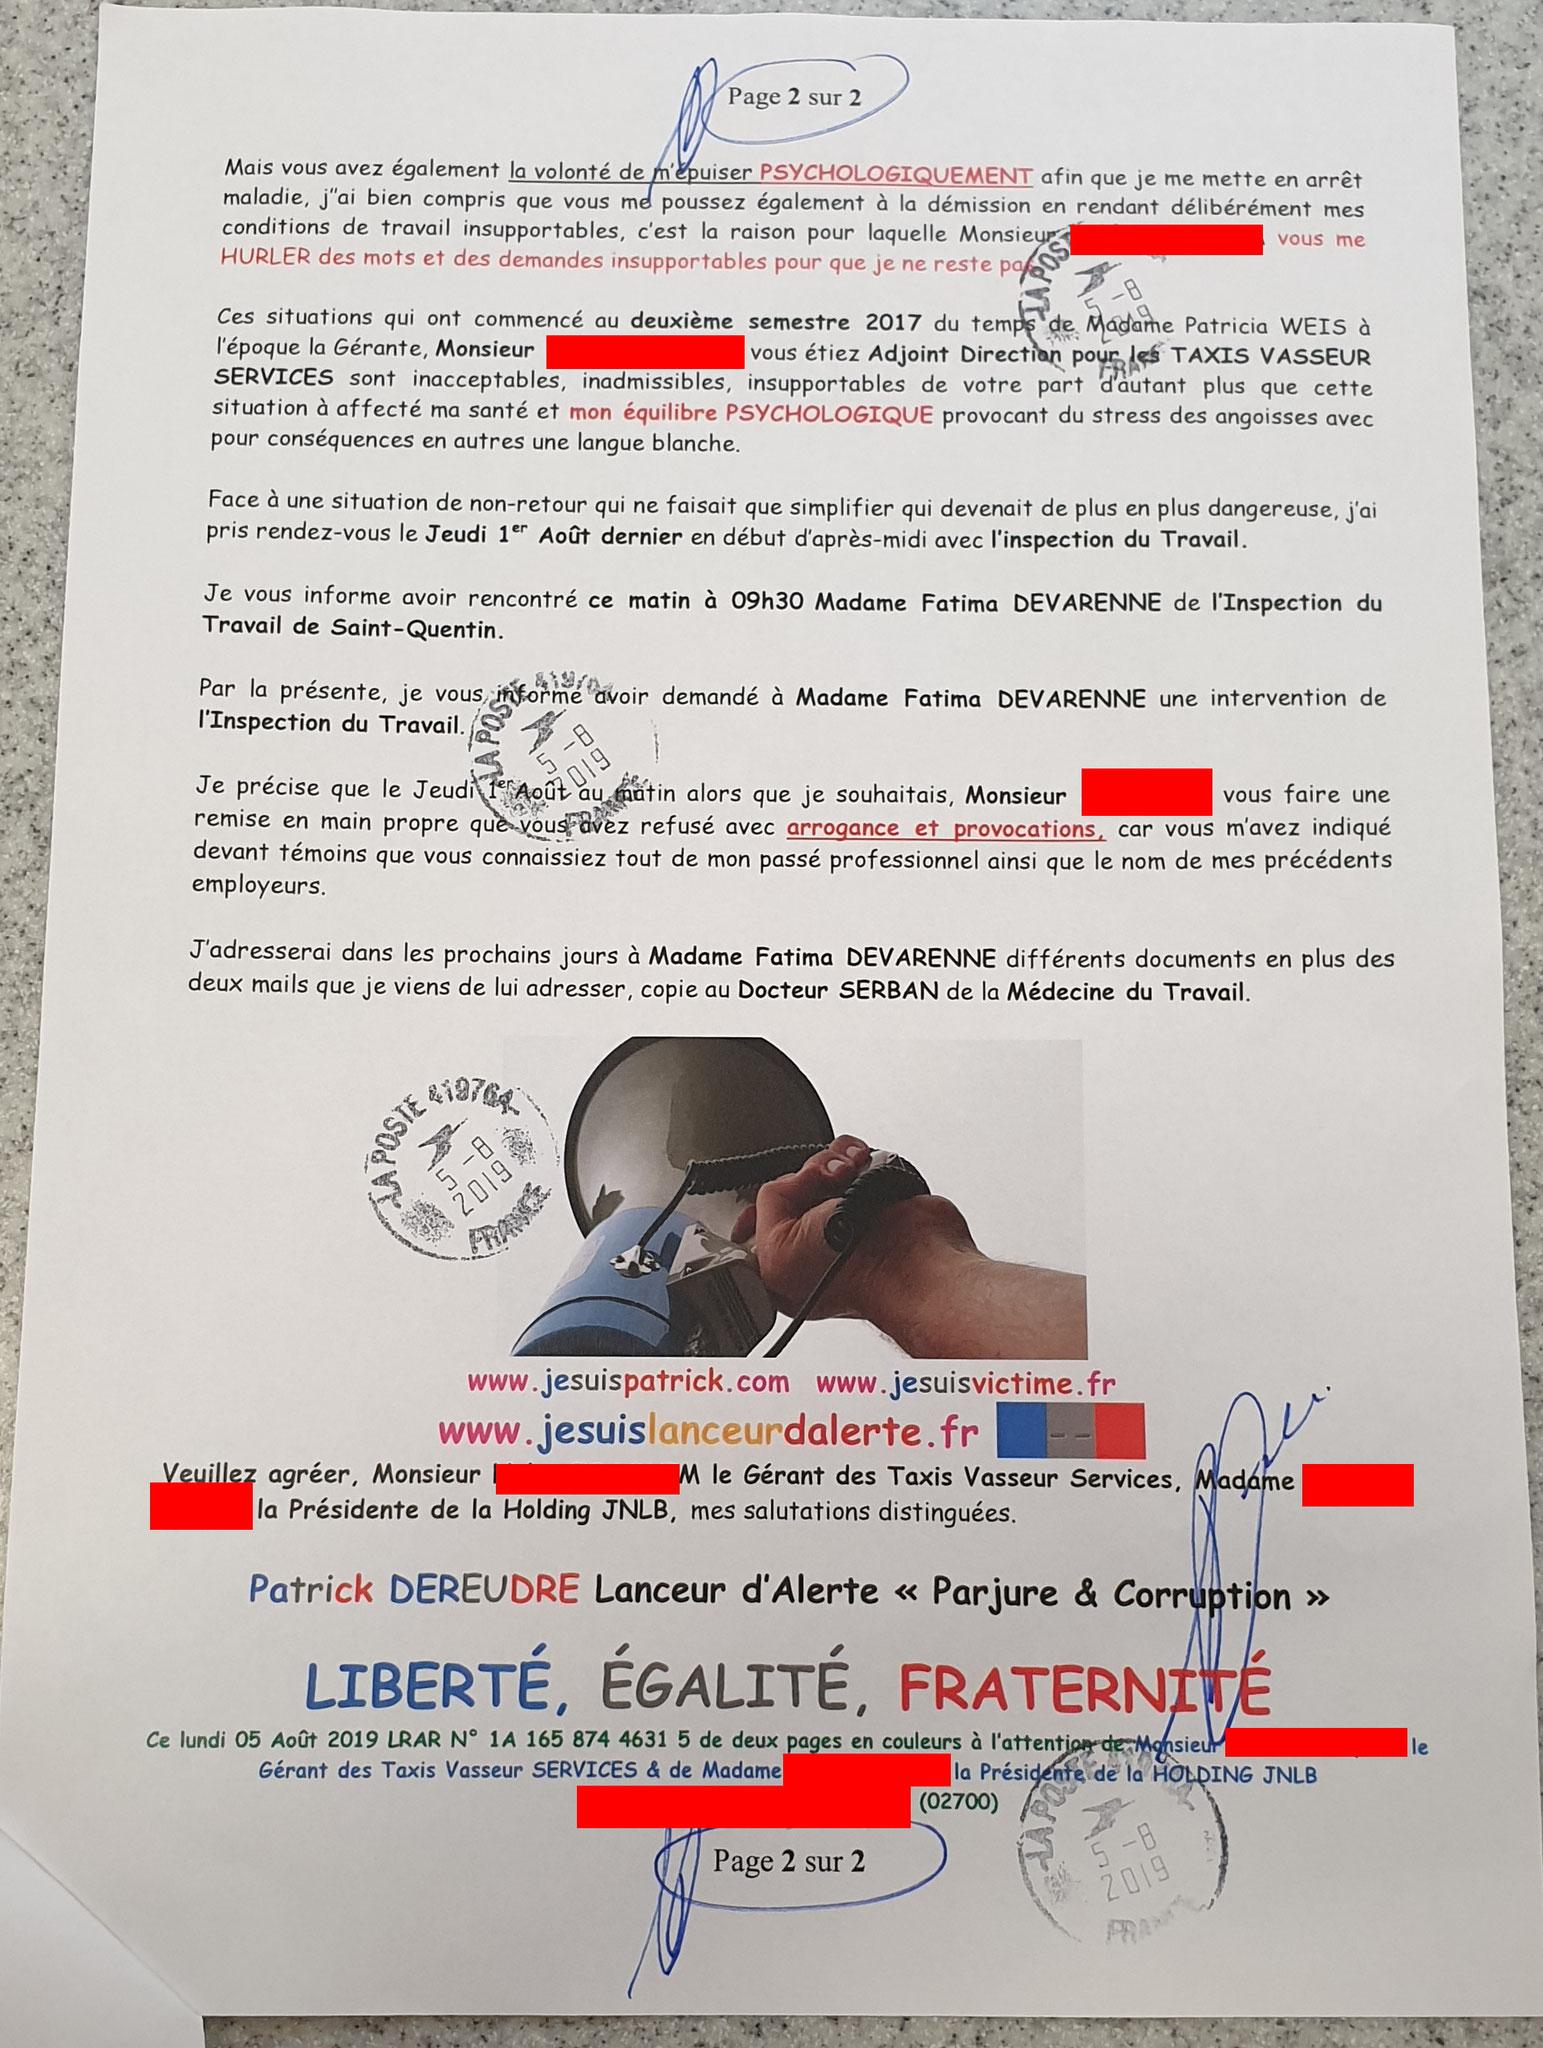 Ma deuxième lettre recommandée du 05 Août 2019 au TAXIS VASSEUR SERVICES & HOLDING JNLB// VIOLENCES & SOUFFRANCES AU TRAVAIL (MOBBING & GANG STAKLING) www.jenesuispasunchien.fr www.jesuisvictime.fr www.jesuispatrick.fr